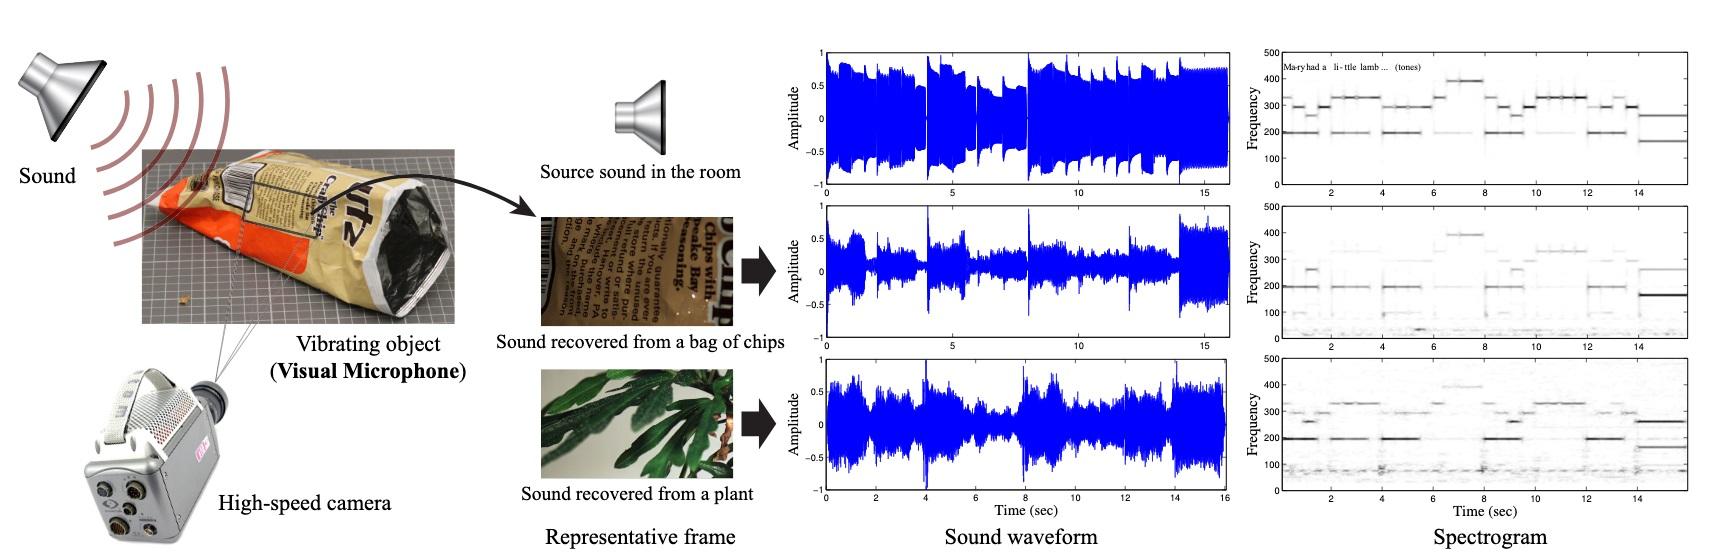 میکروفن تصویری فقط به جسمی نیاز داره که صدا اون رو به لرزه در بیاره